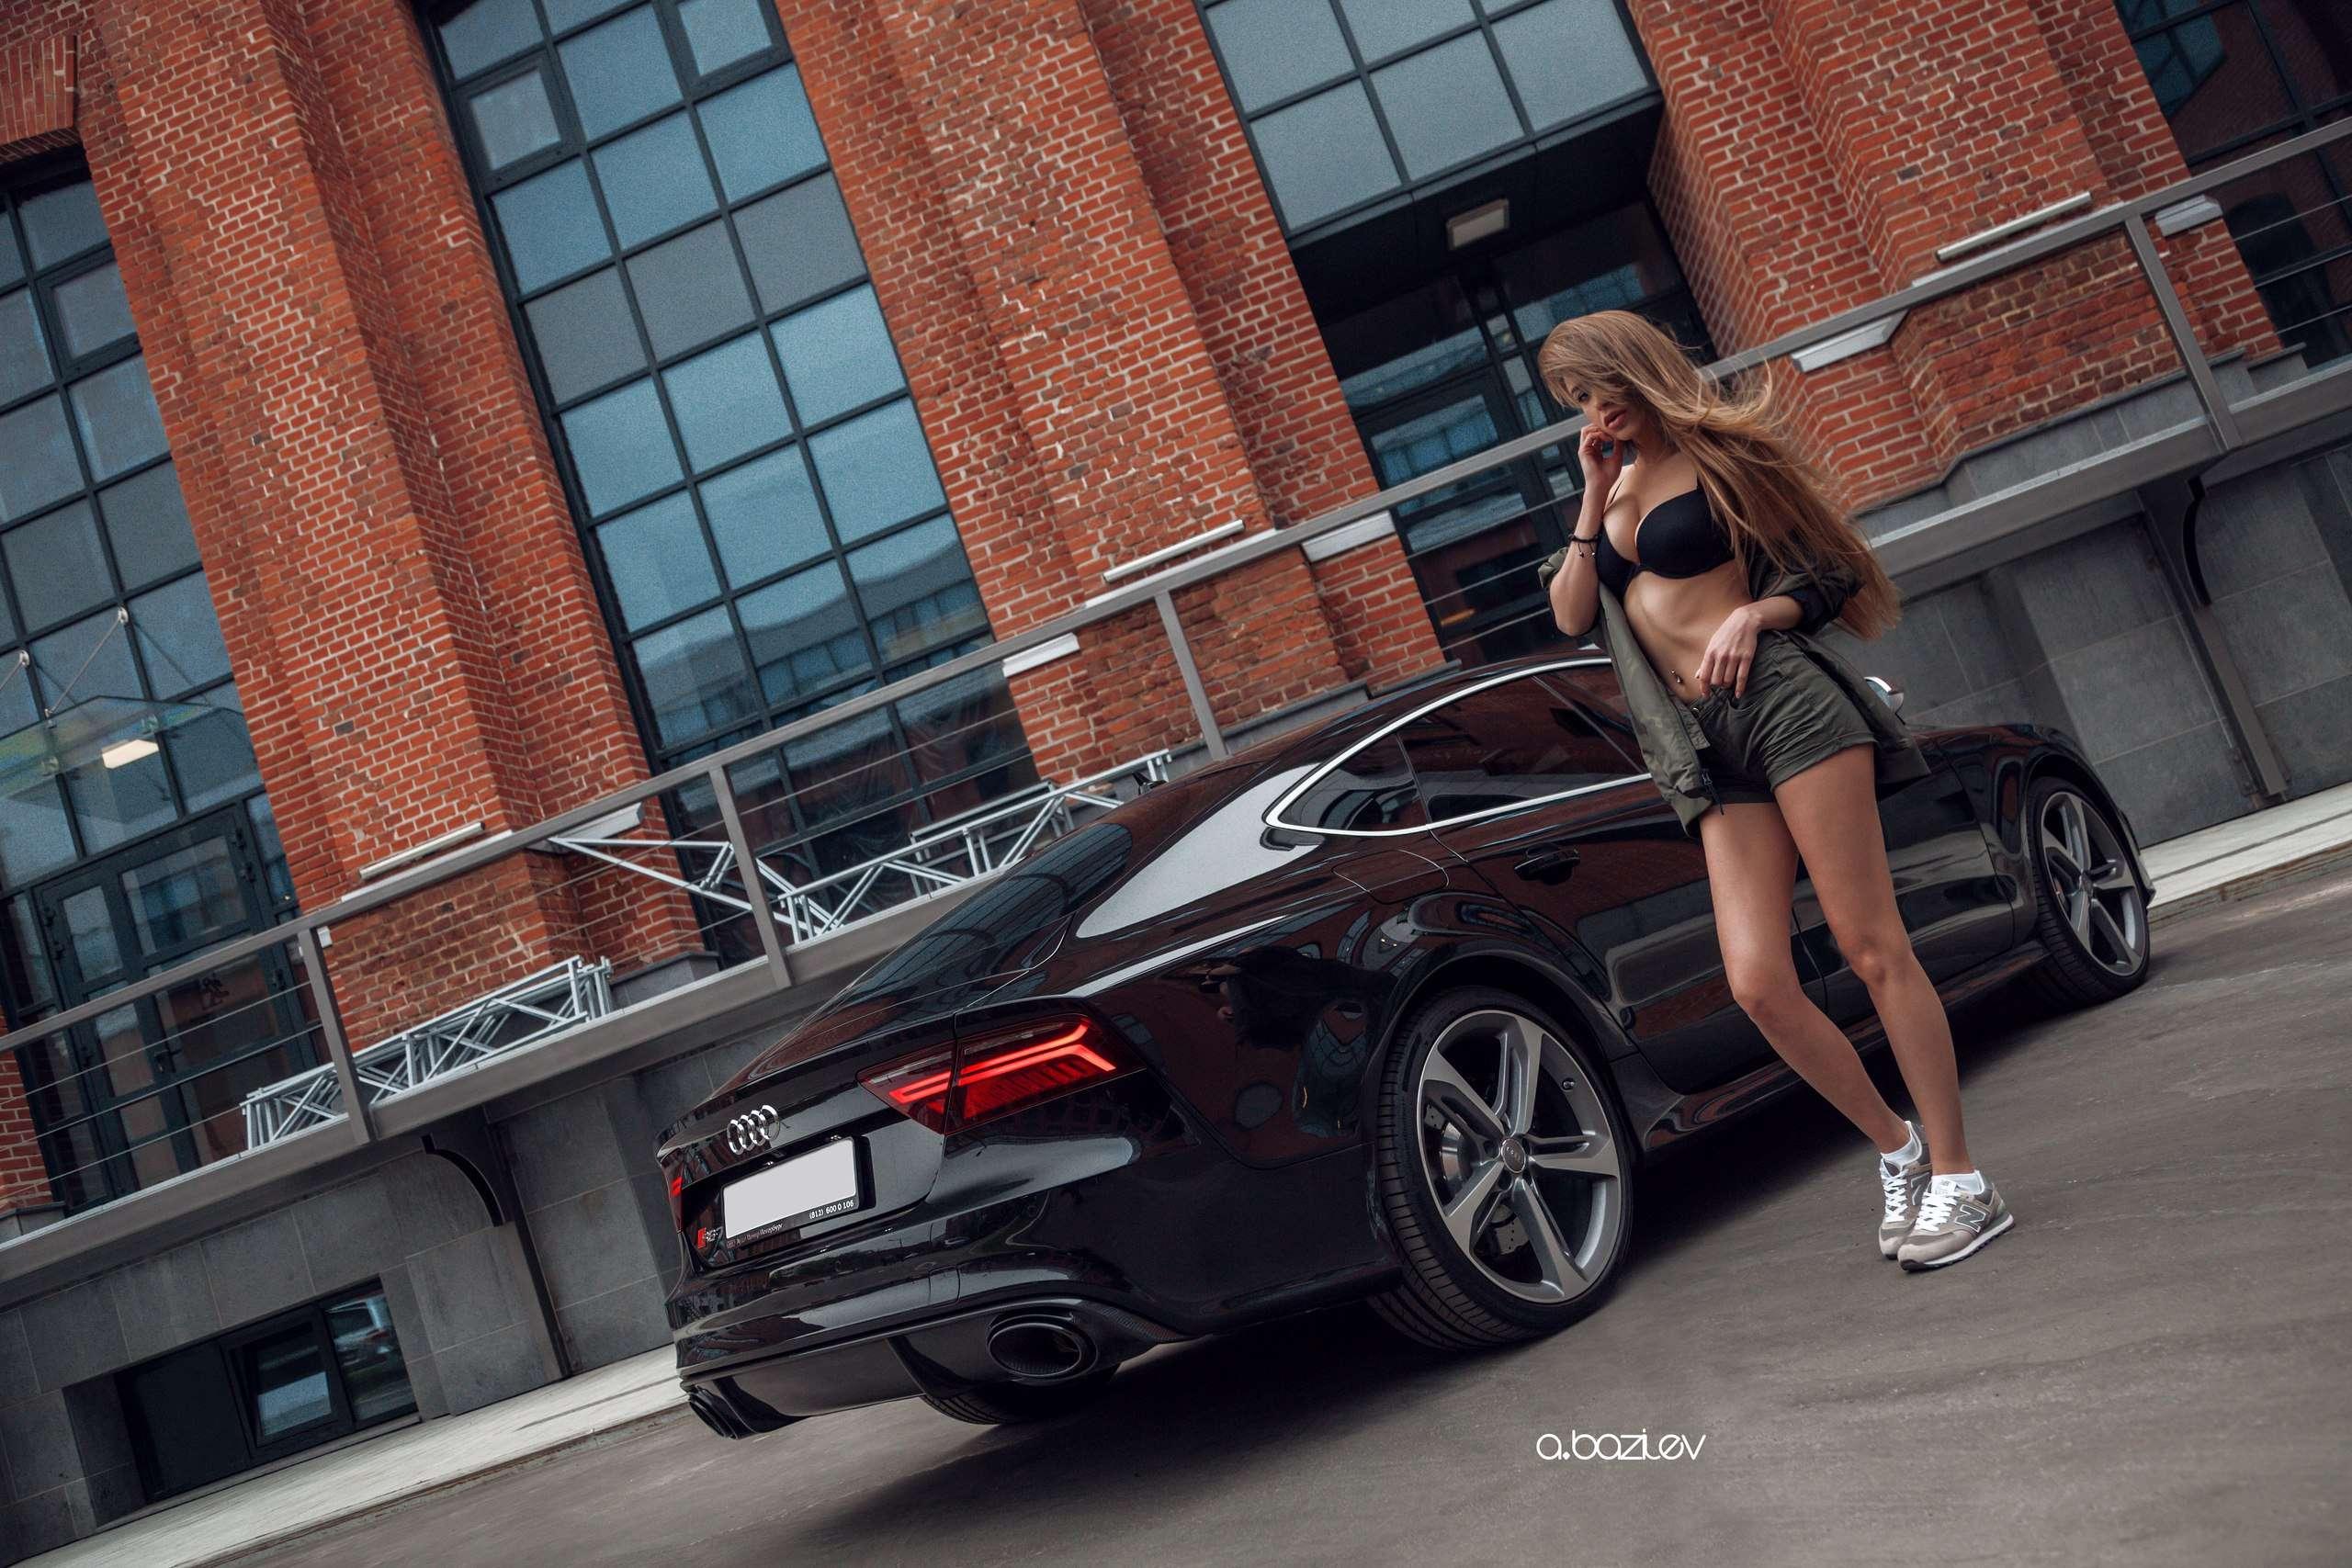 neV4JYJ6 qI - Сексуальные девушки и автомобили (часть 10)